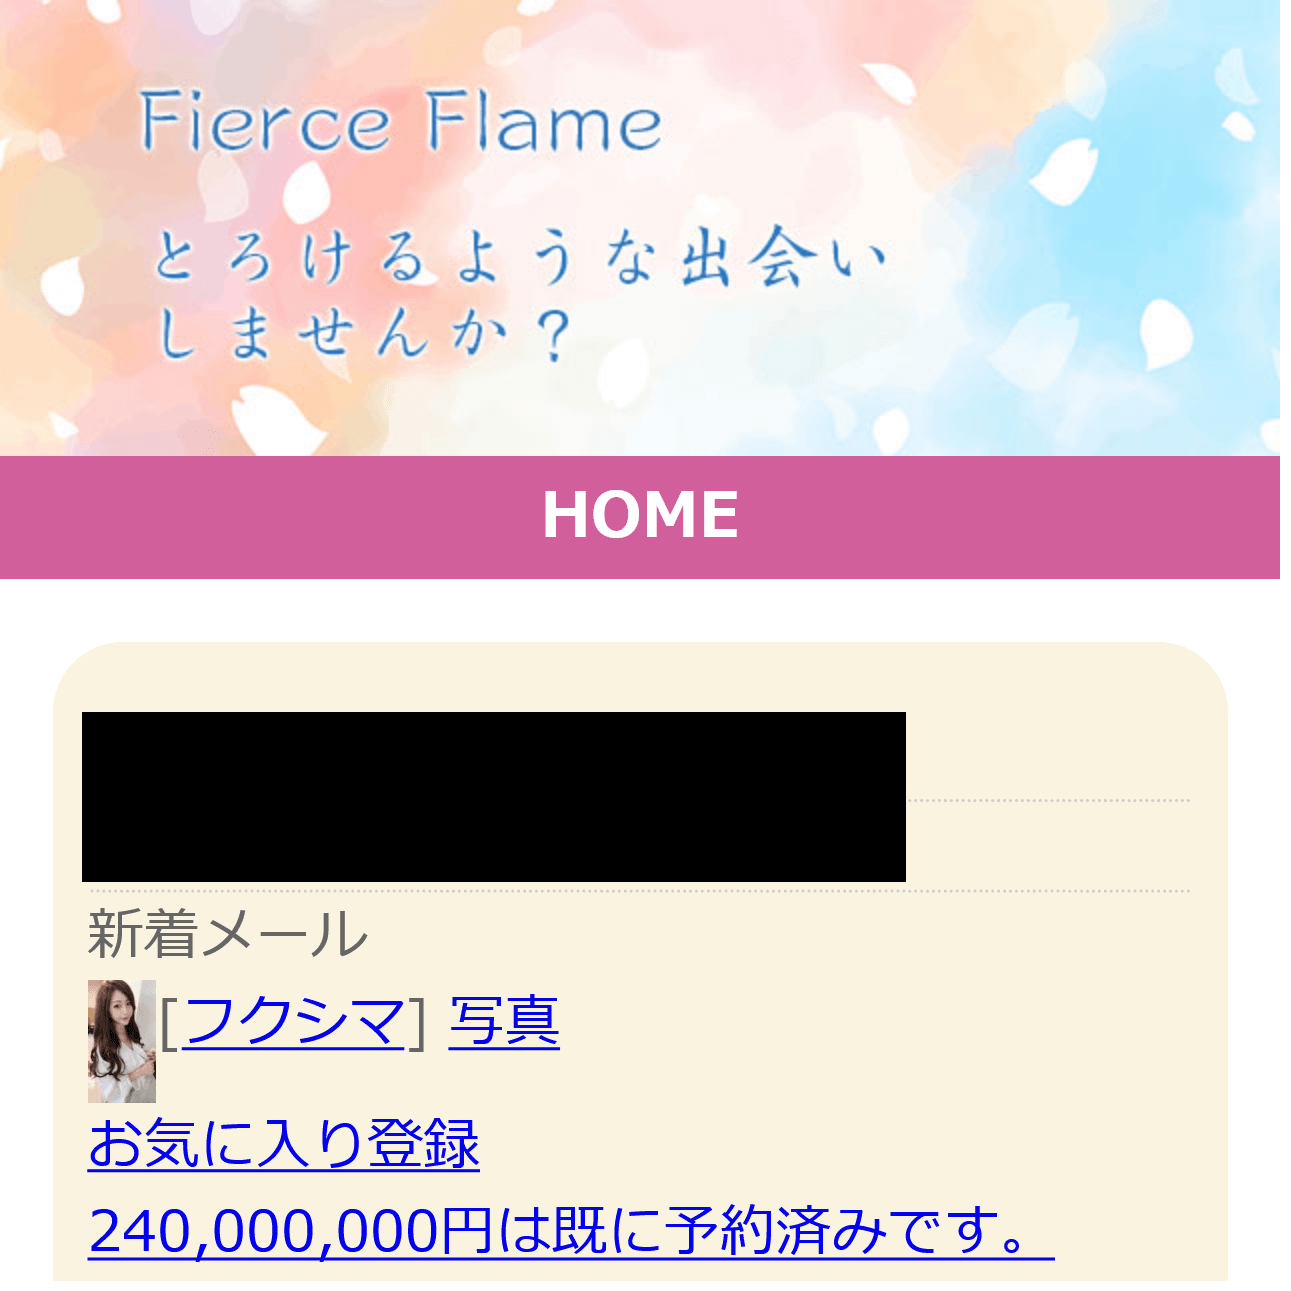 【Fierce flame】の被害報告